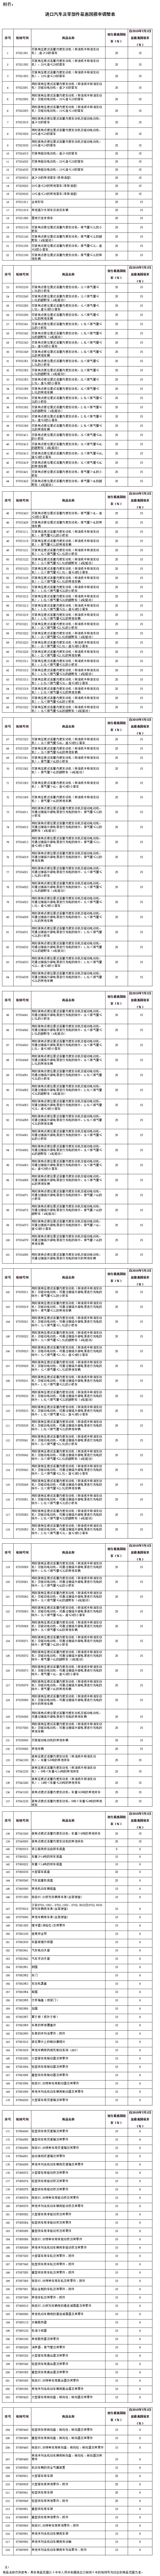 中国7月起降低汽车整车及零部件进口关税 (表)